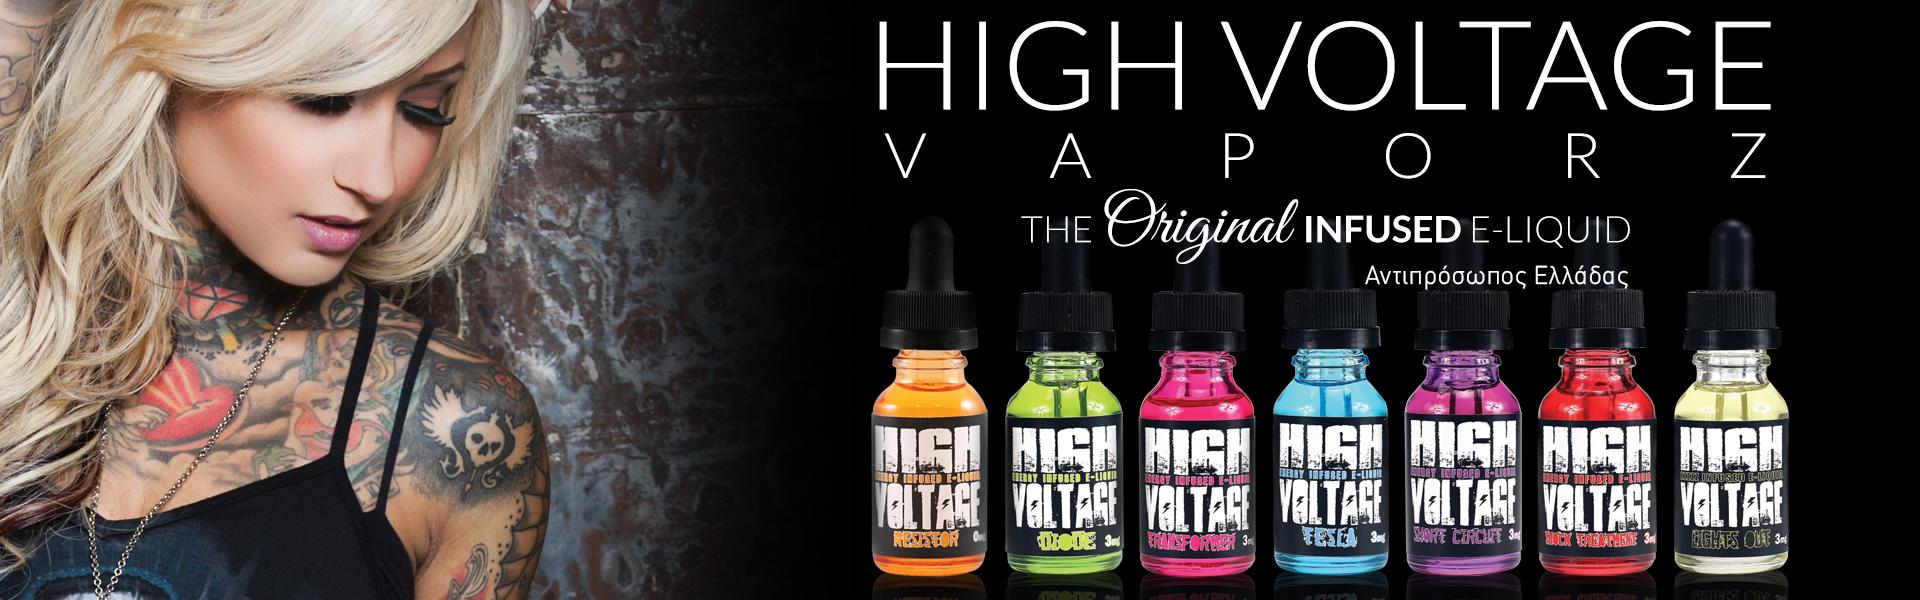 High Distributor